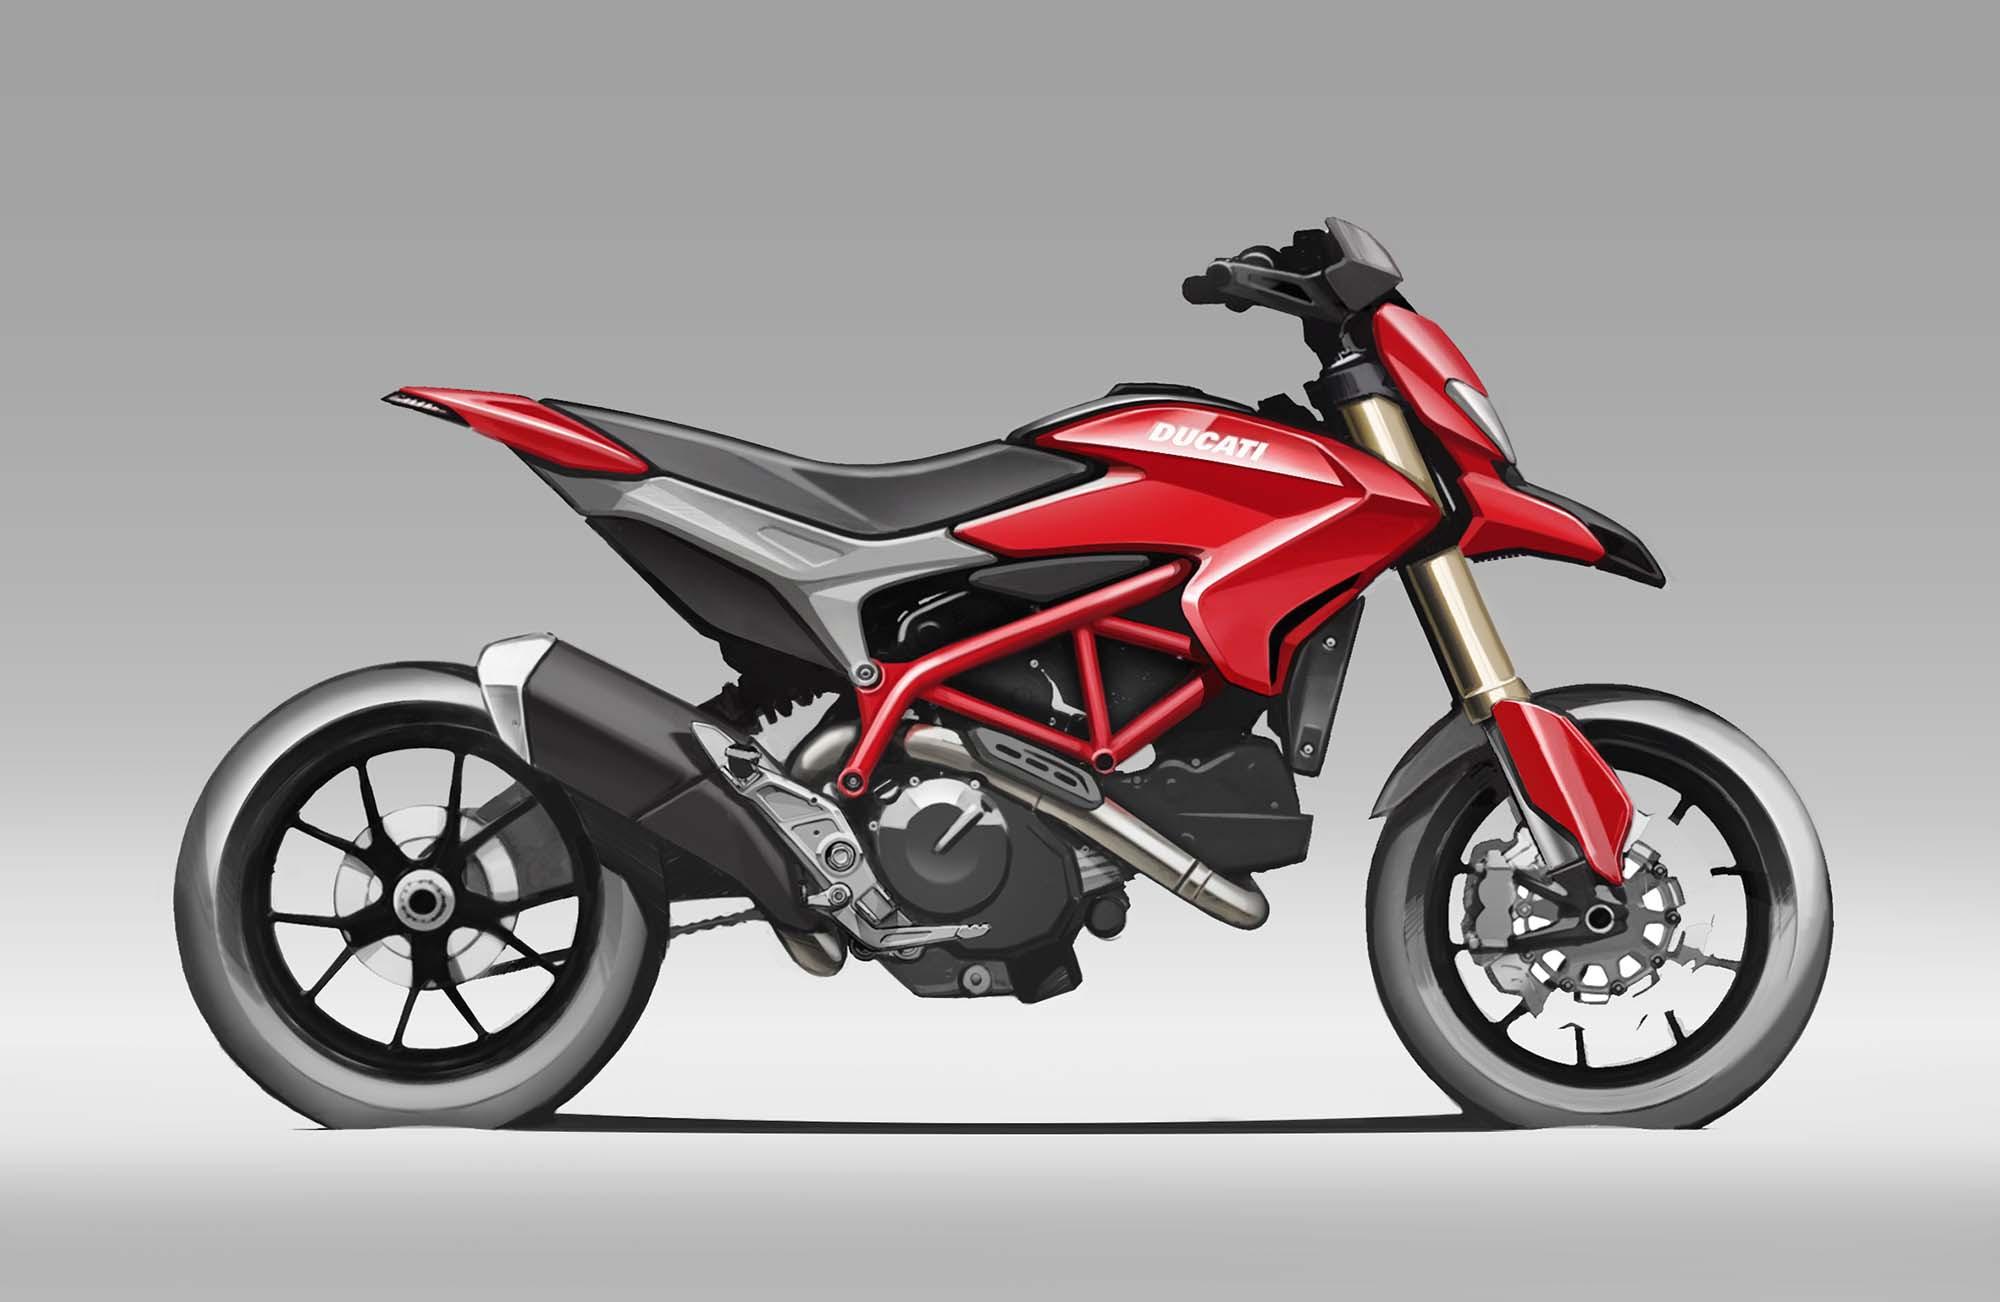 99 Bike Wallpapers 2011 Ducati Diavel Asik Bloge